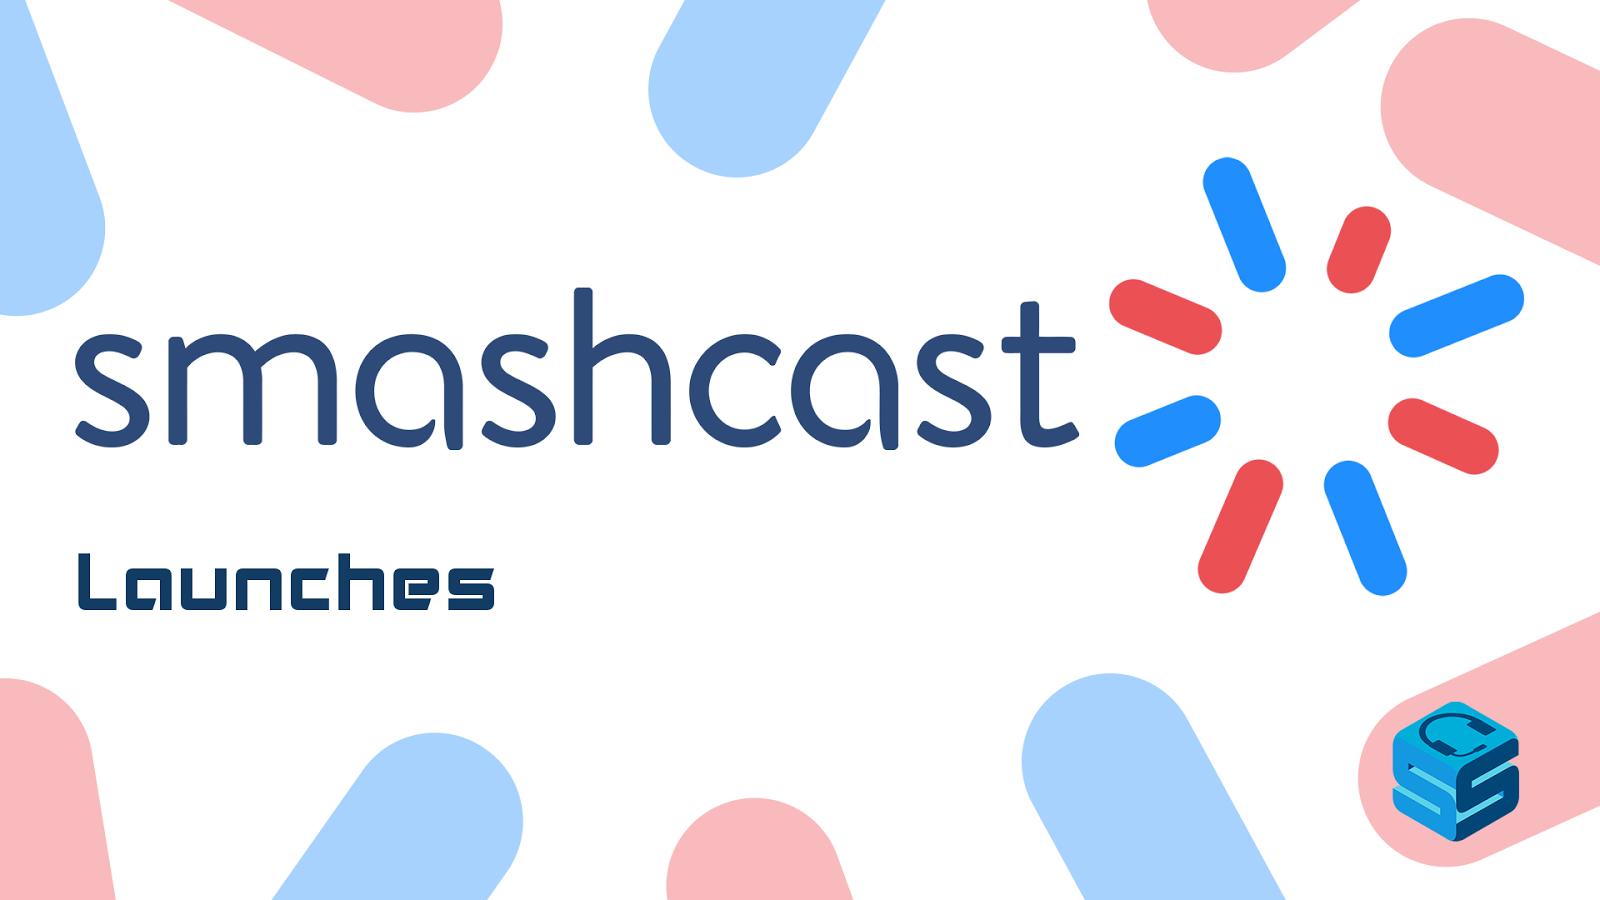 Smashcast - Oyun Oynayarak Para Kazanmak İçin 19 Tavsiye